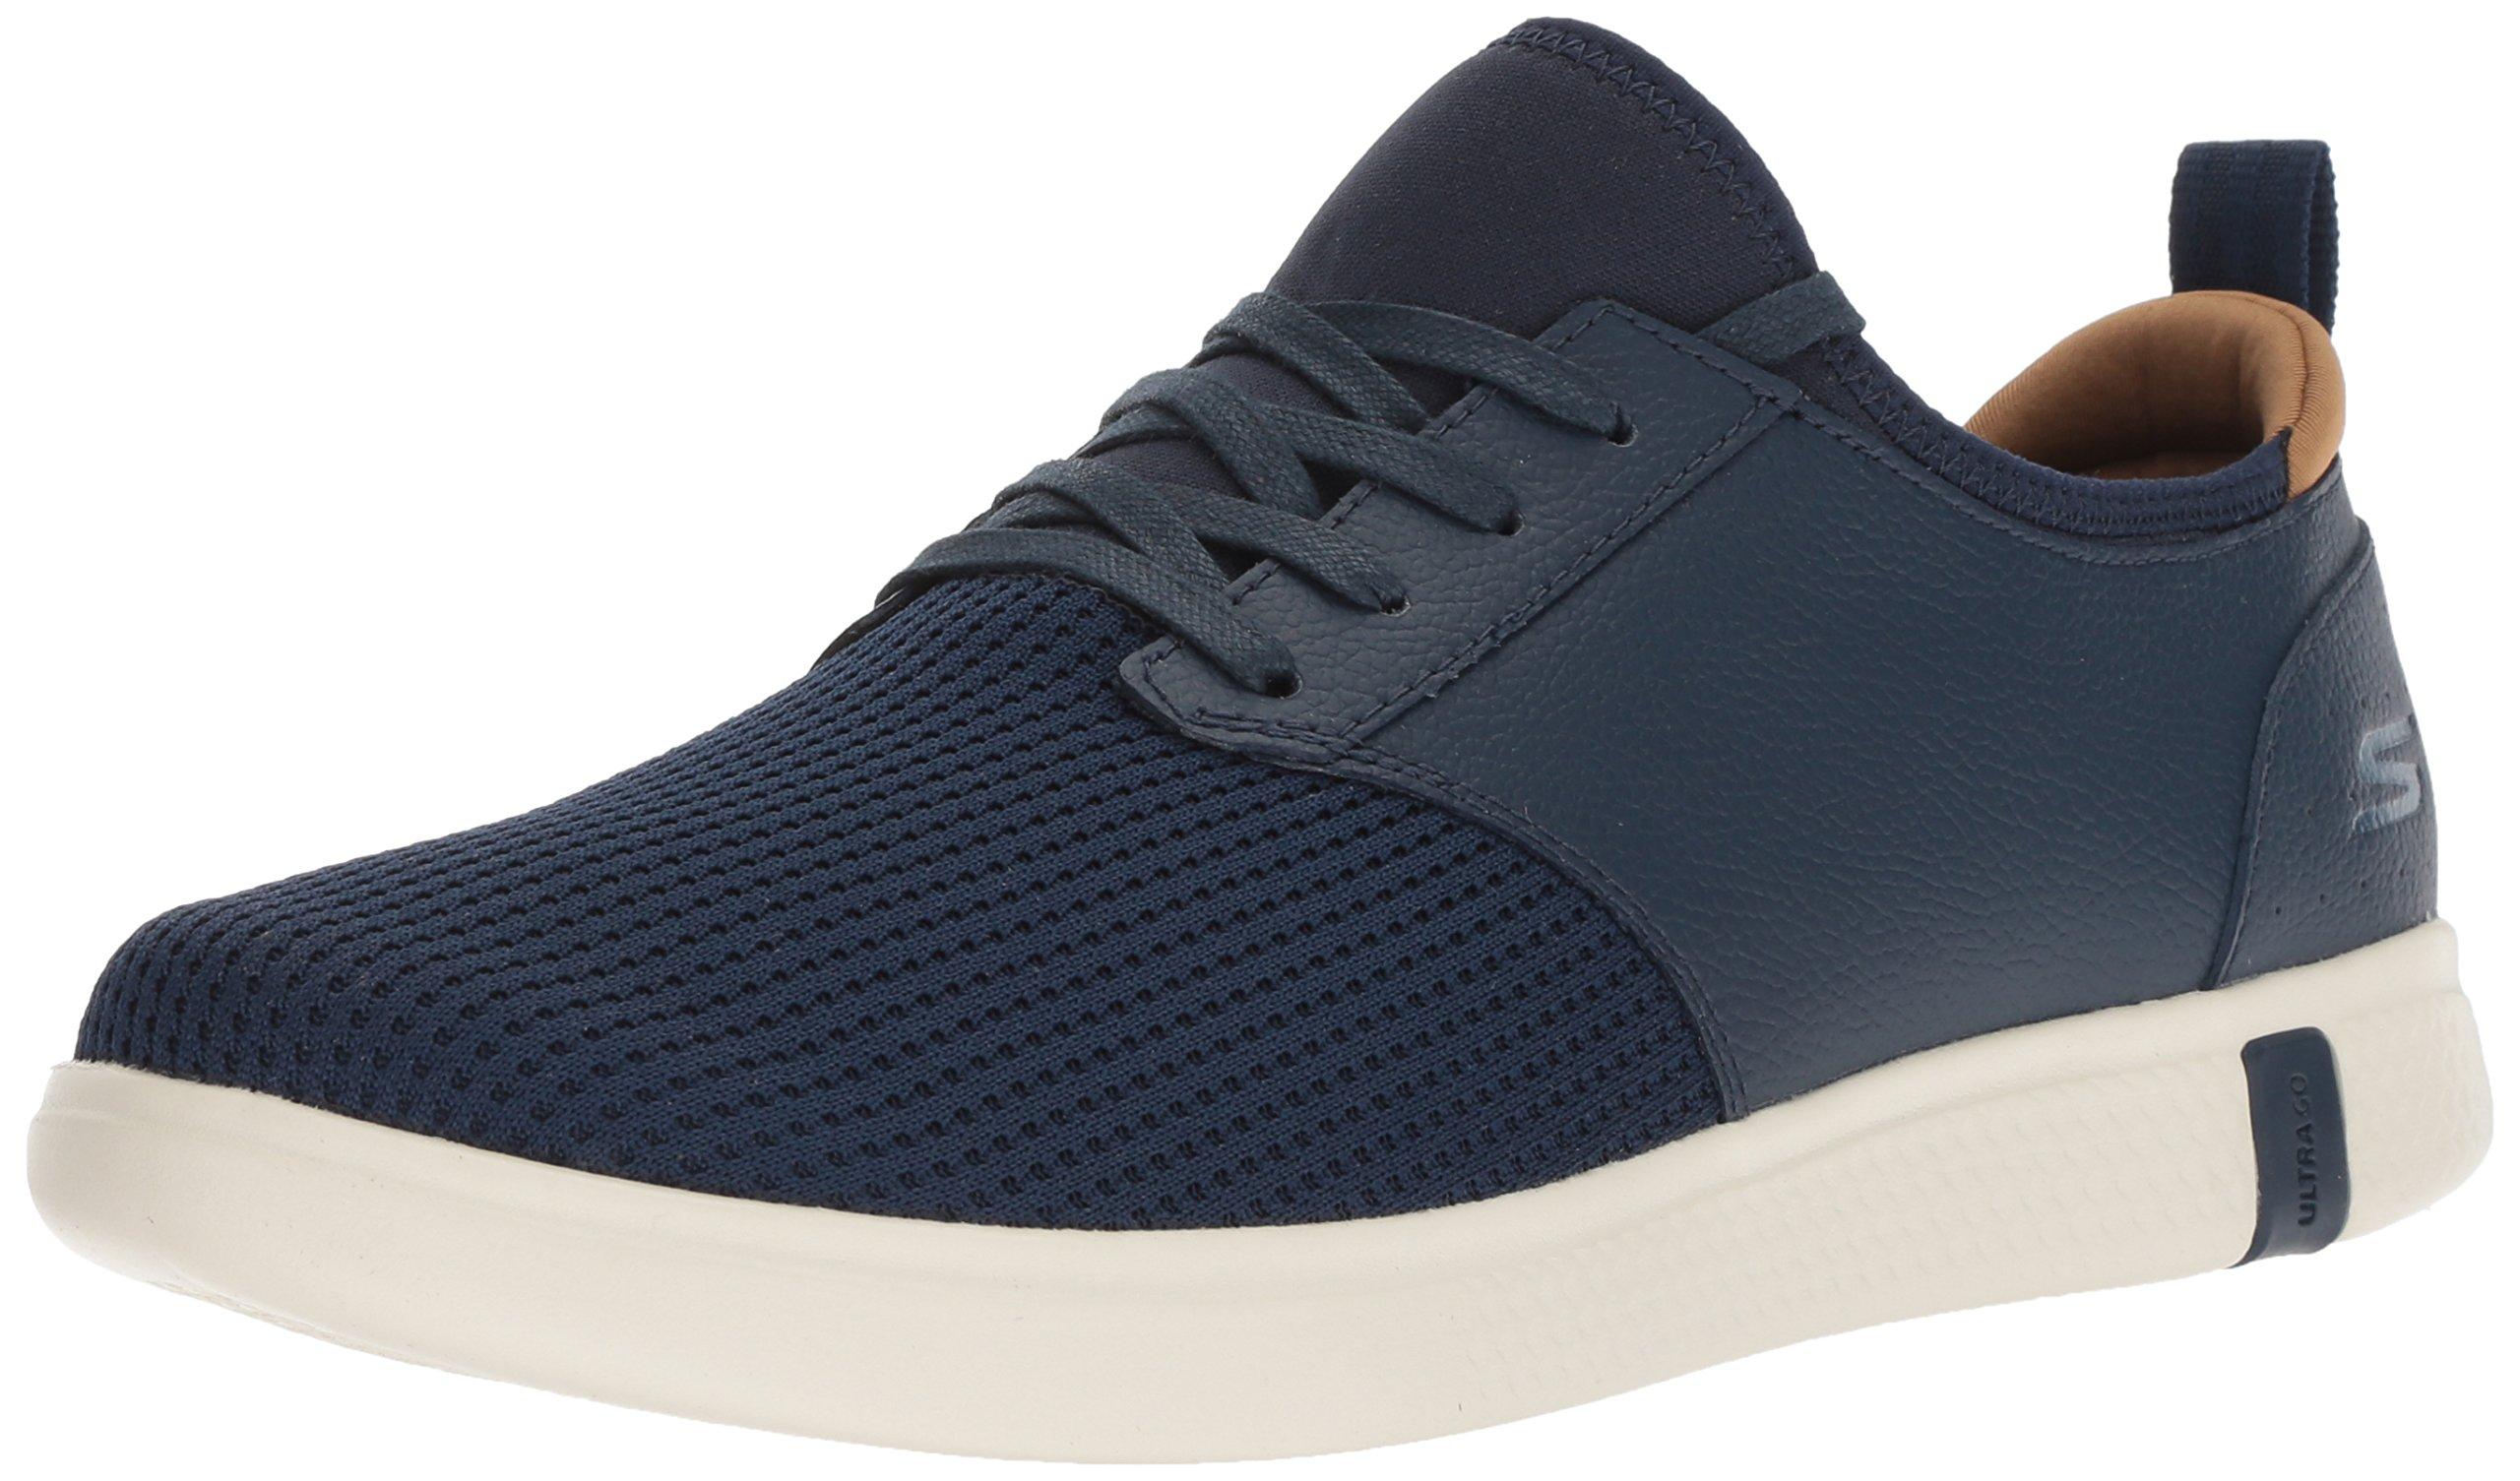 Skechers Men's Glide 2.0 Ultra 55461 Sneaker, Navy, 12 M US